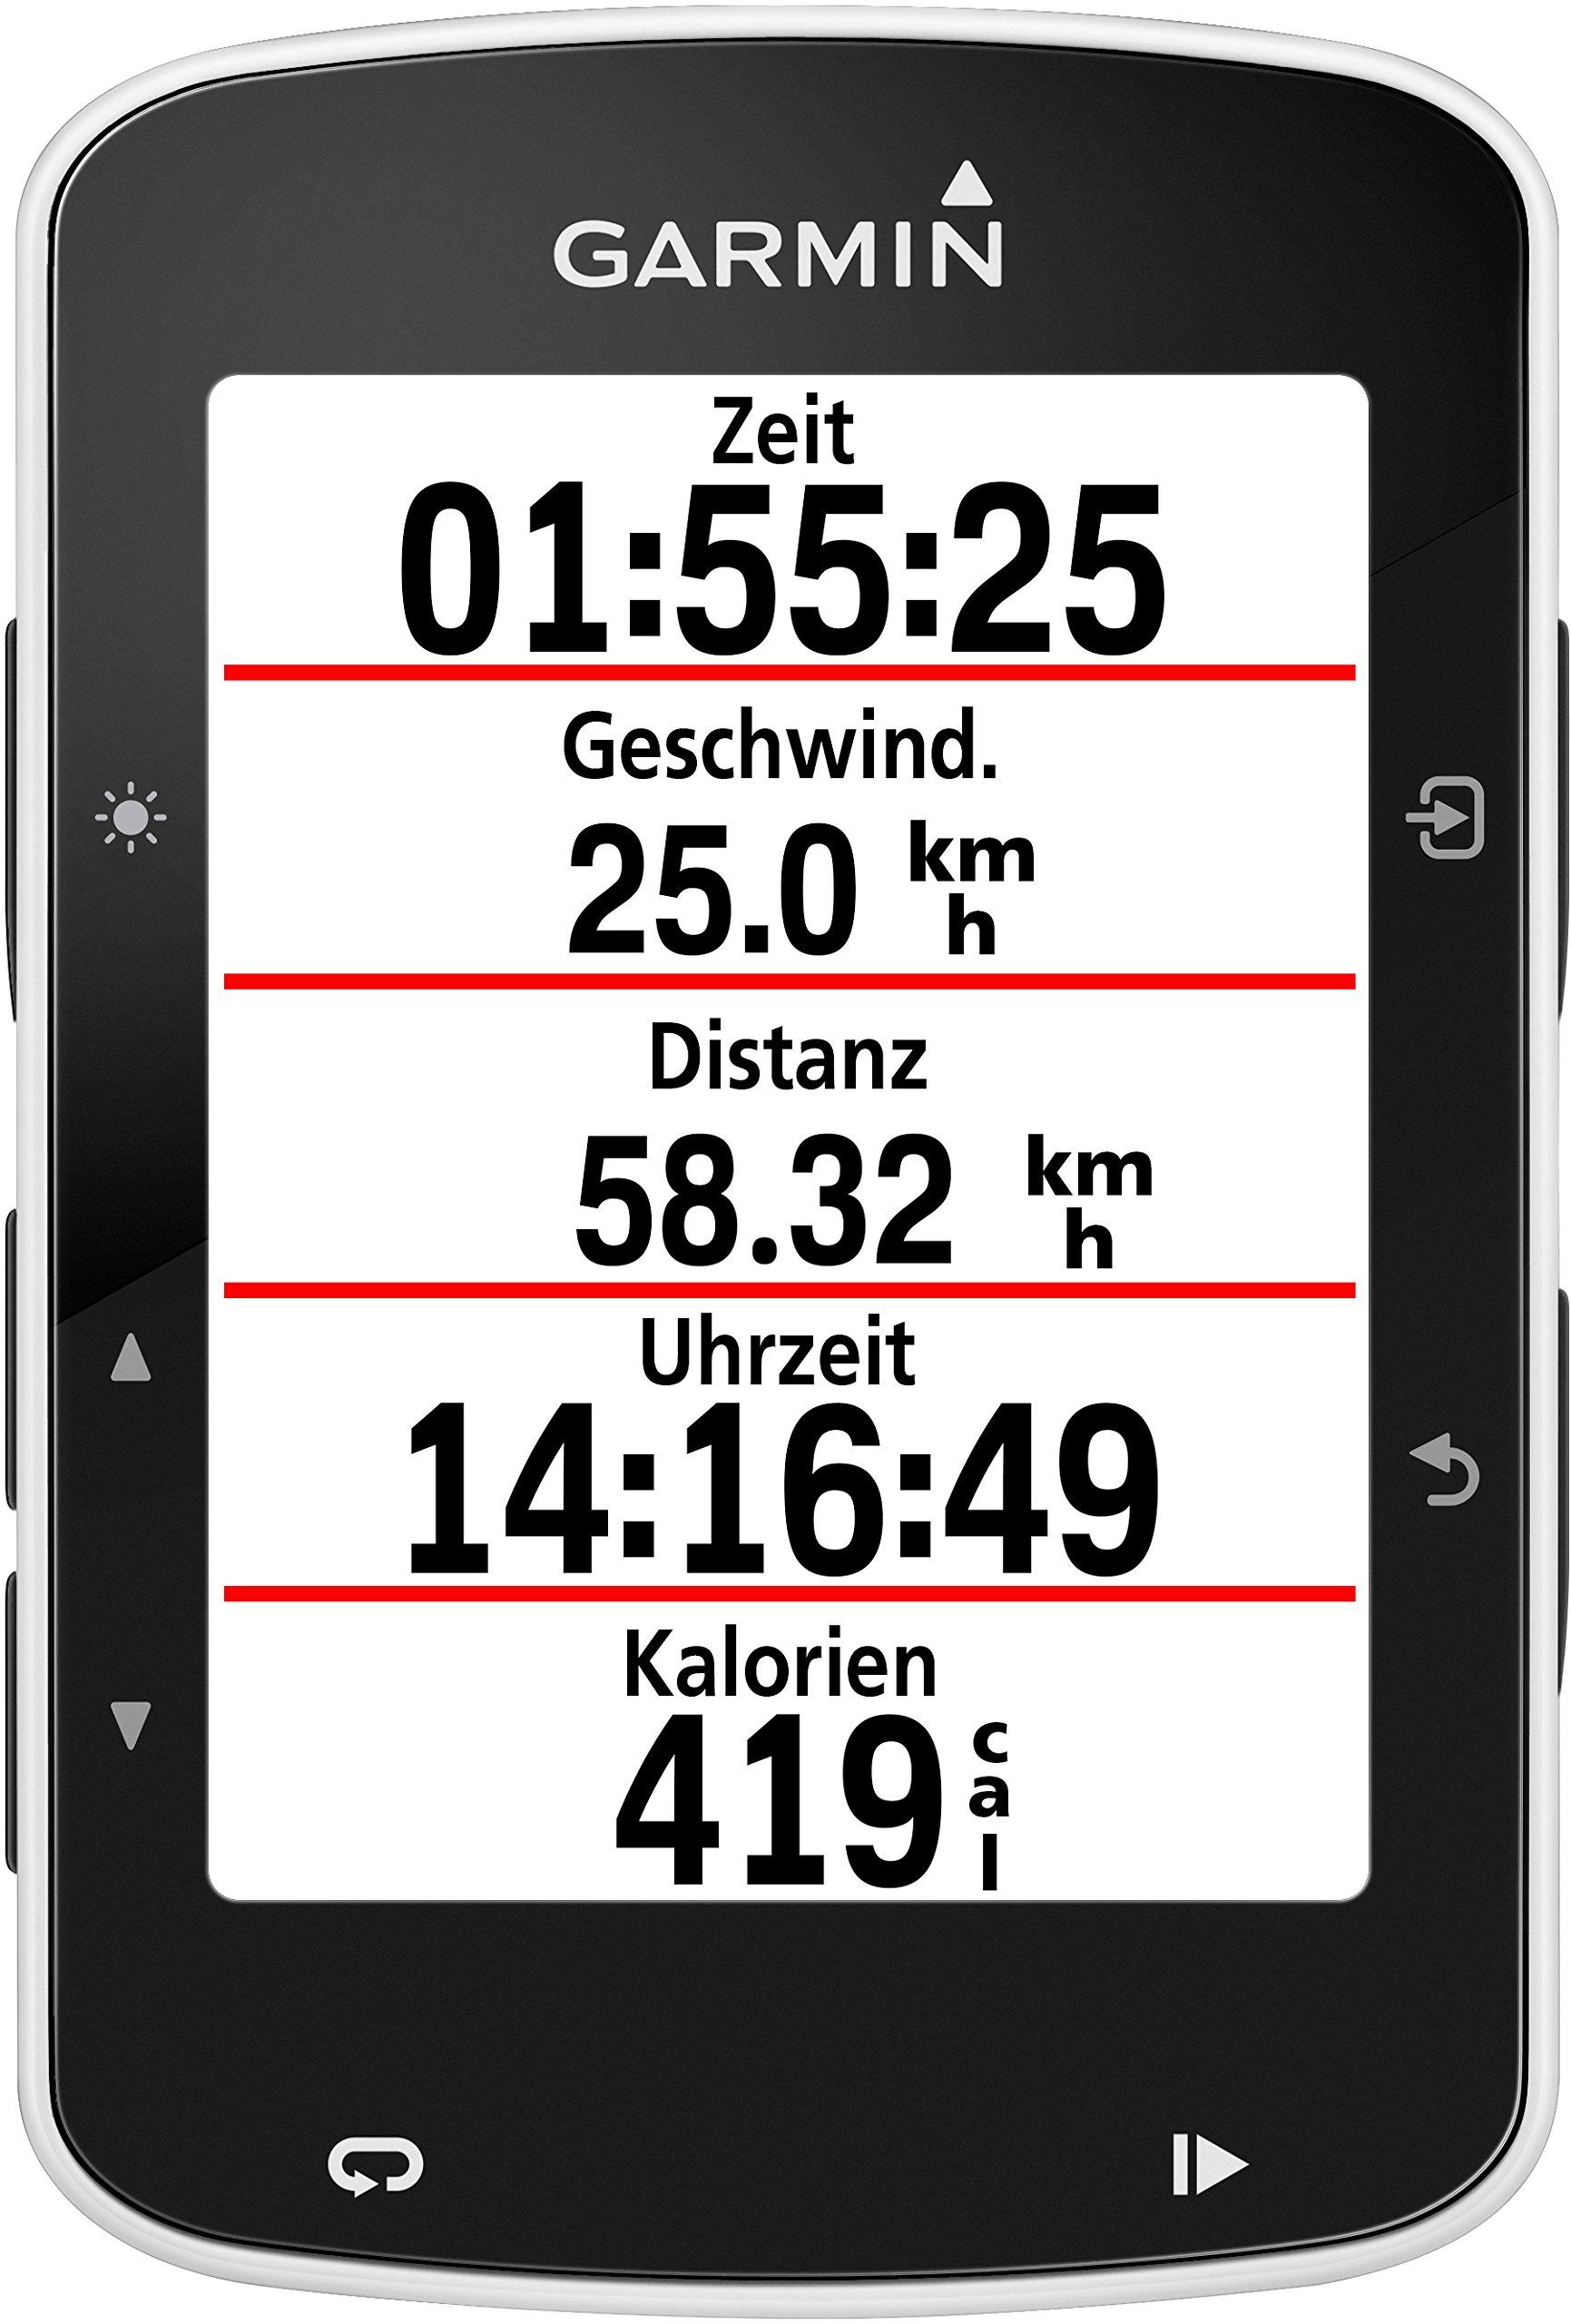 Garmin Edge 520 Bike GPS by Garmin (Image #4)